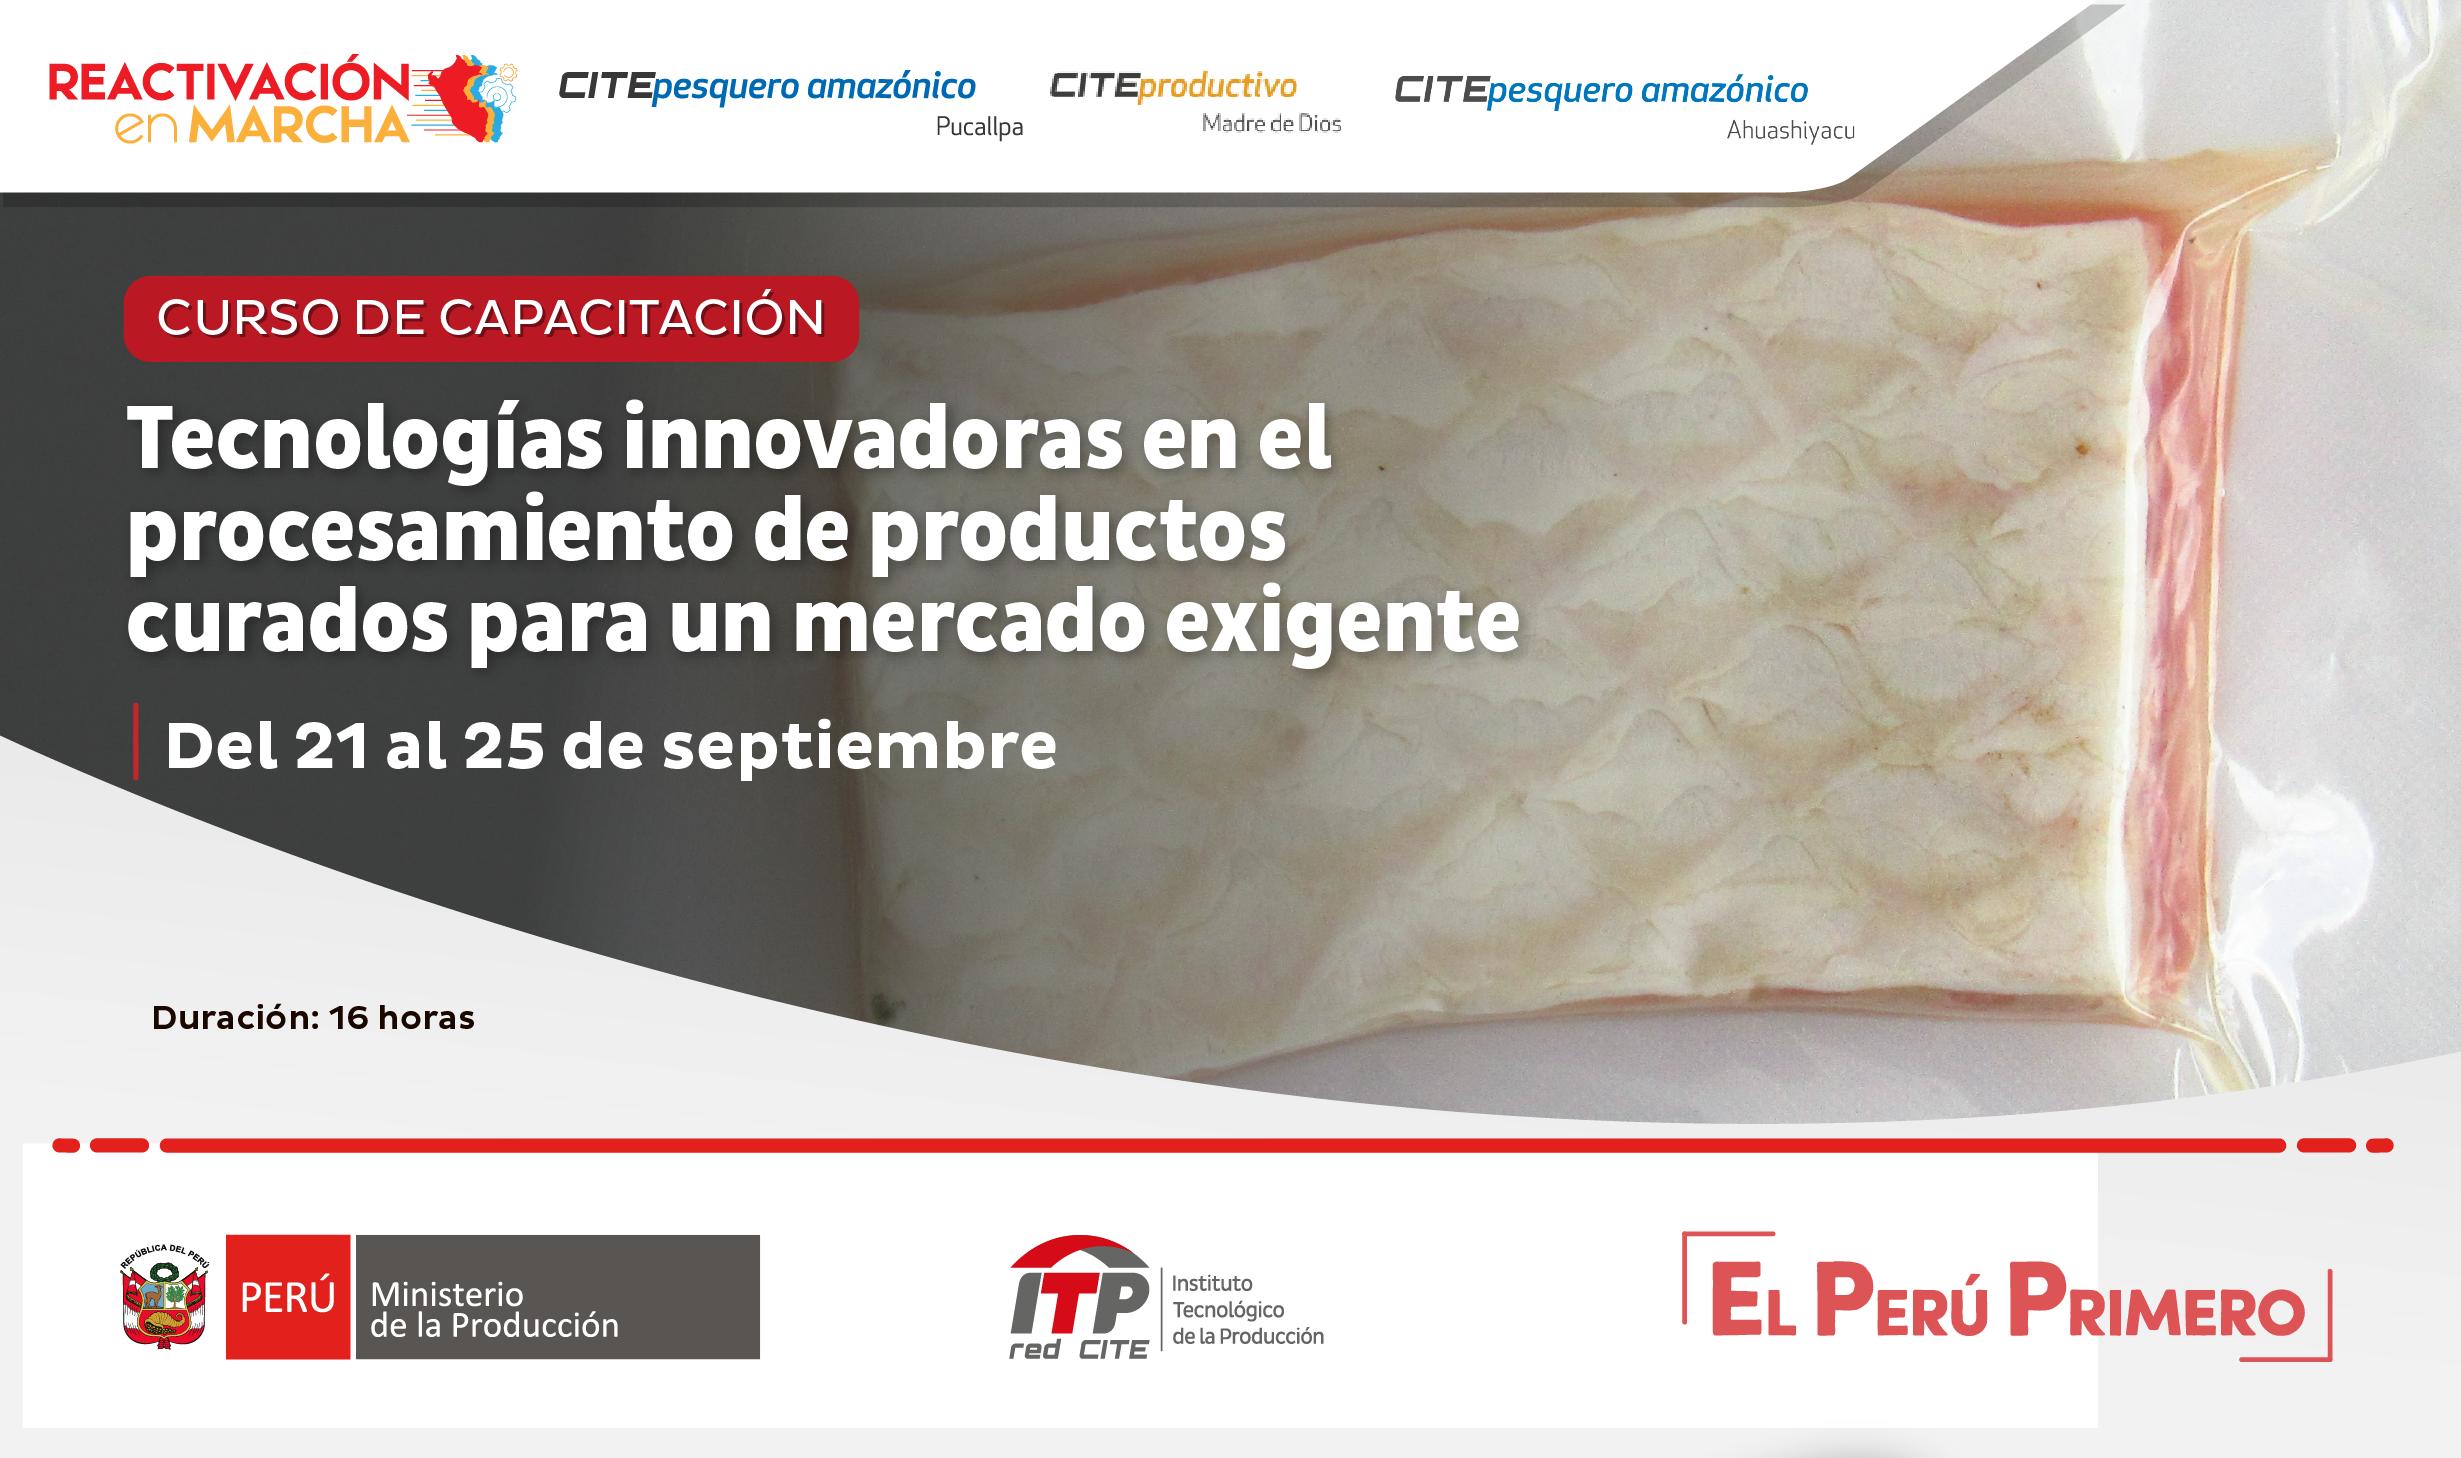 Tecnologías innovadoras en el procesamiento de productos curados amazónicos para un mercado exigente